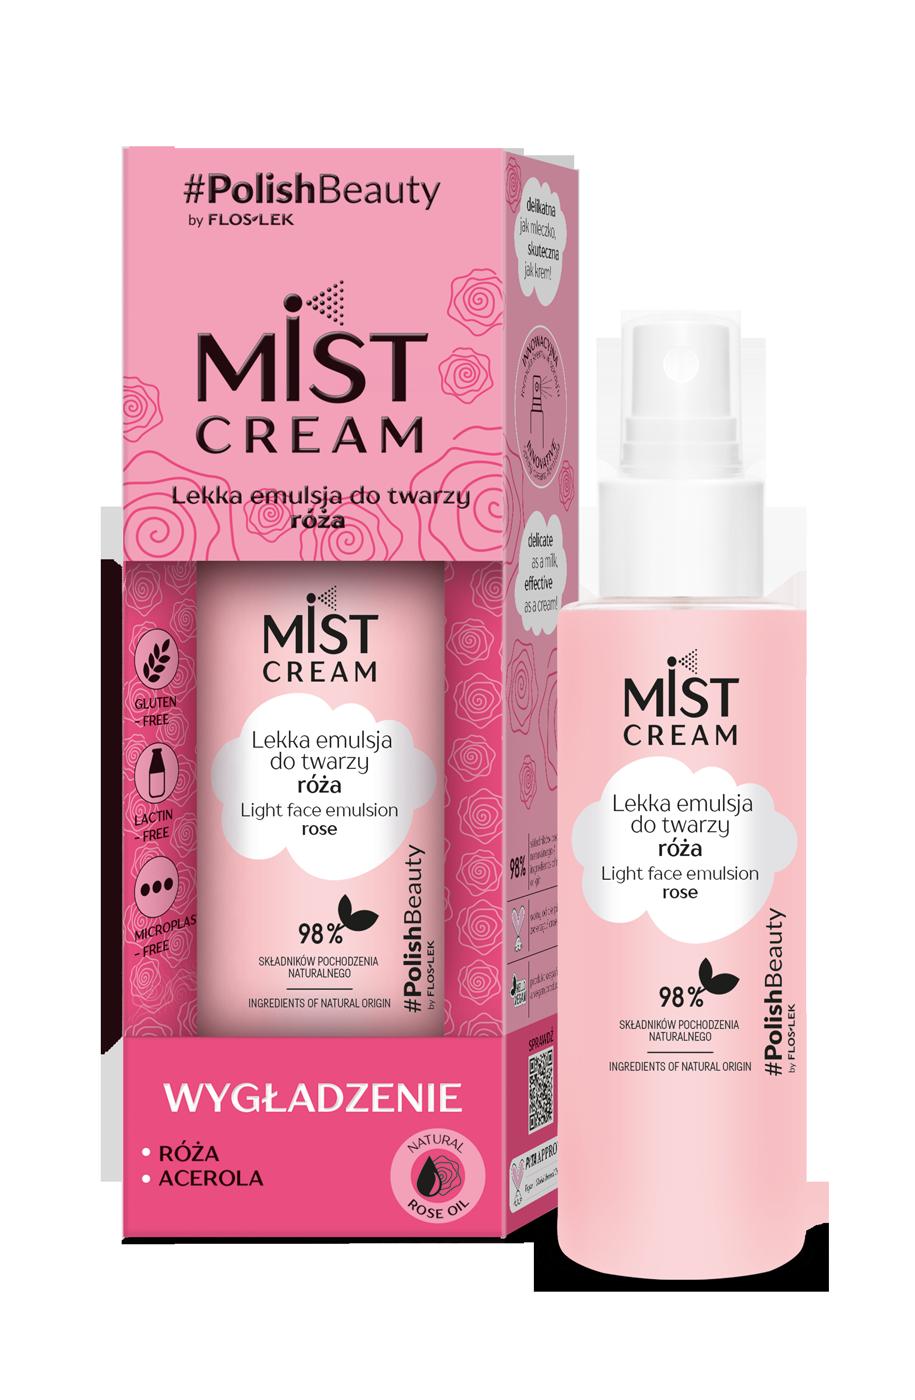 Mist Cream